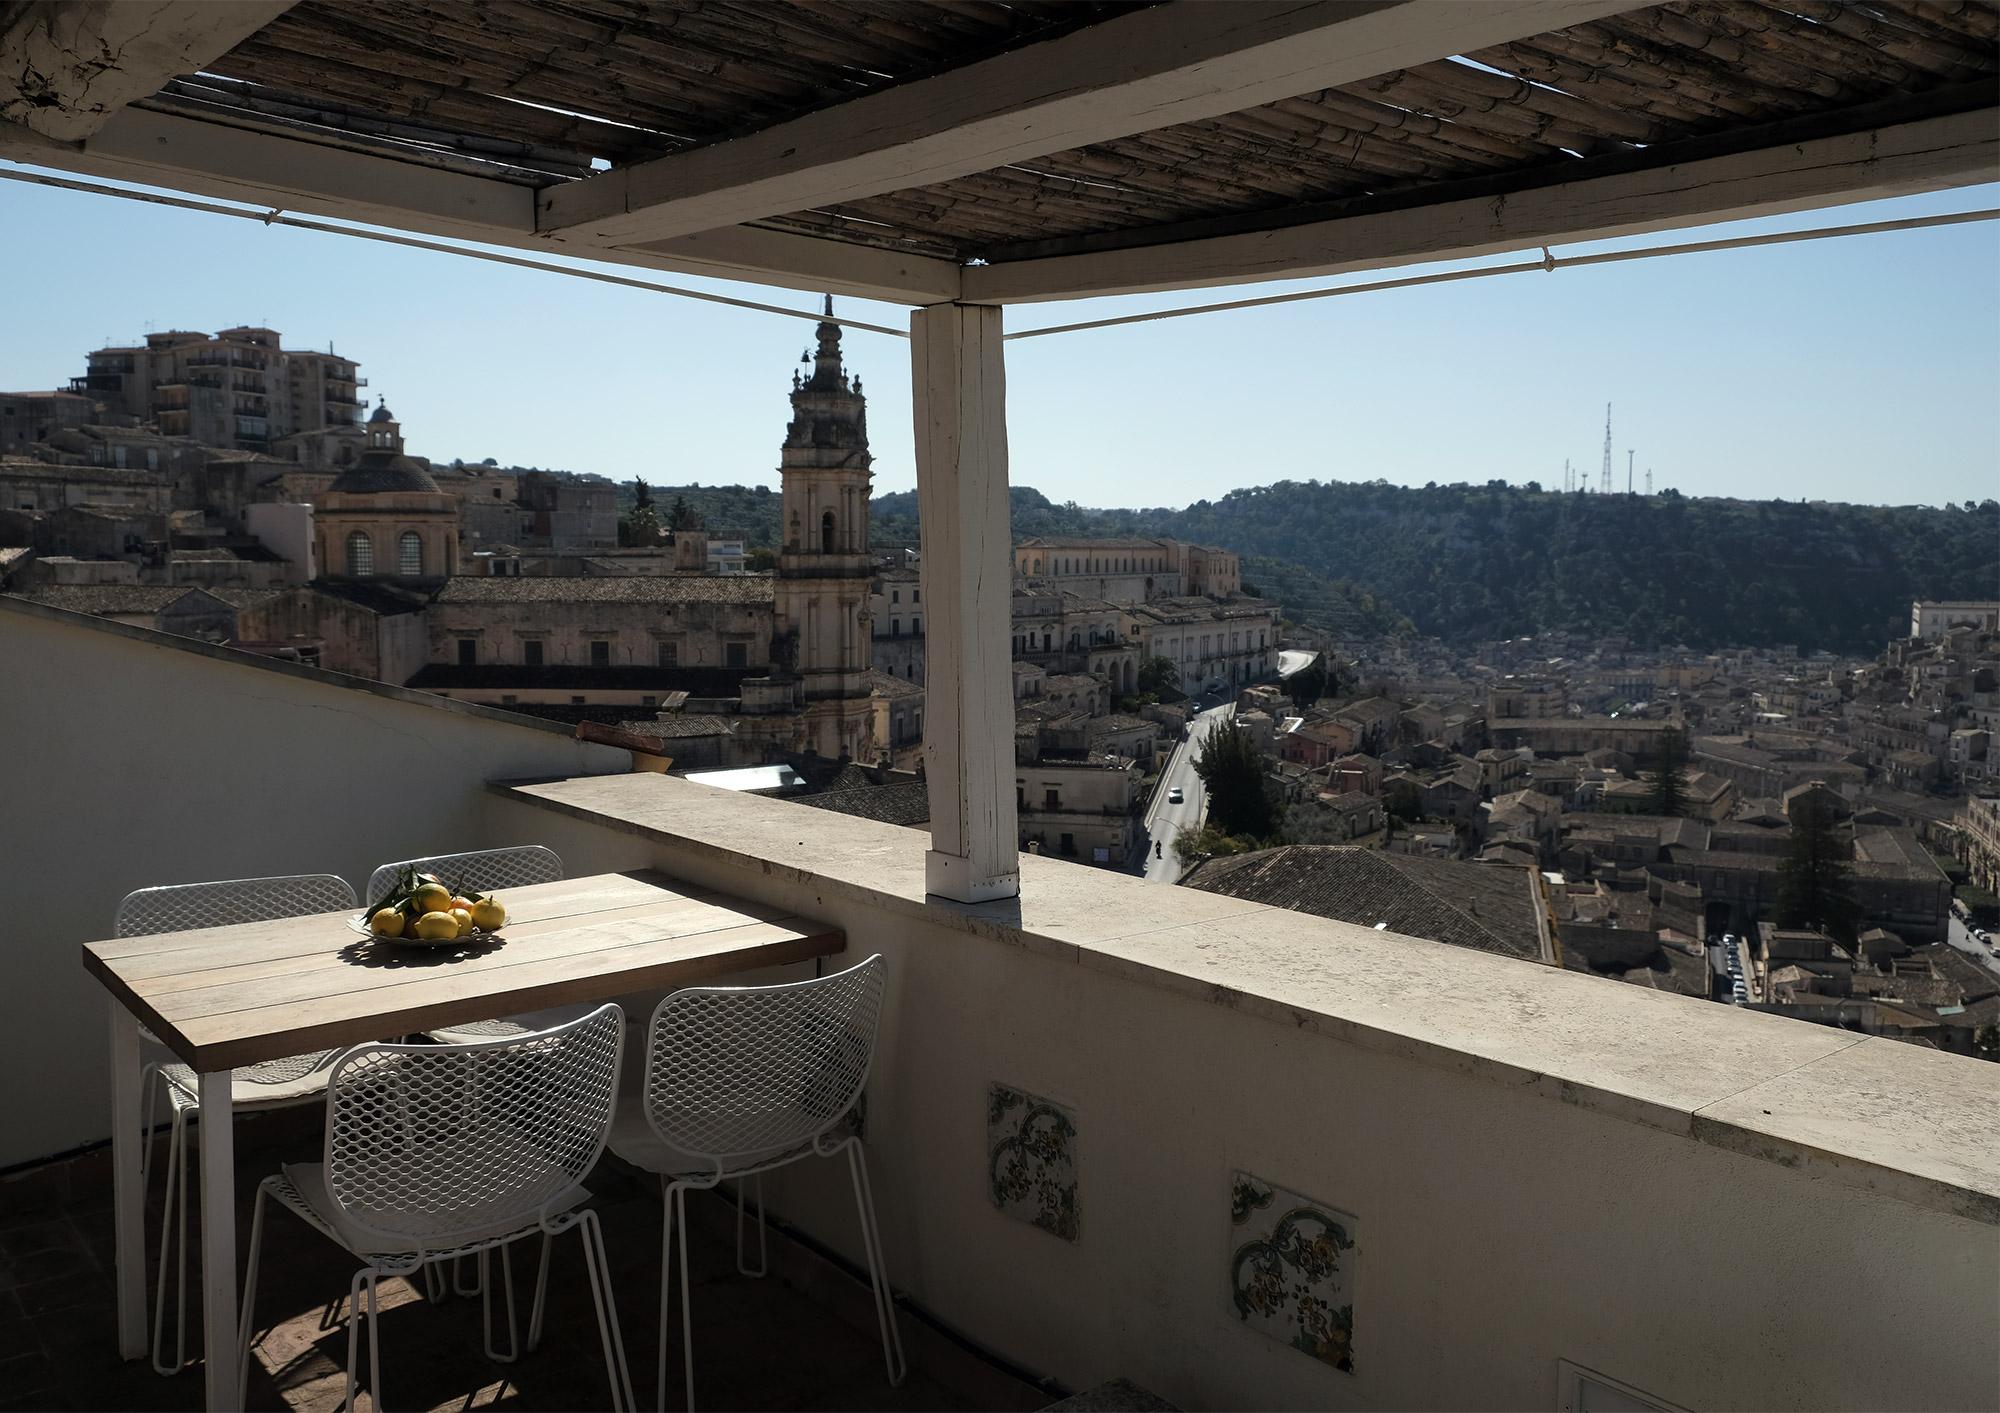 Entspannte Stunden auf der Dachterrasse verbringen